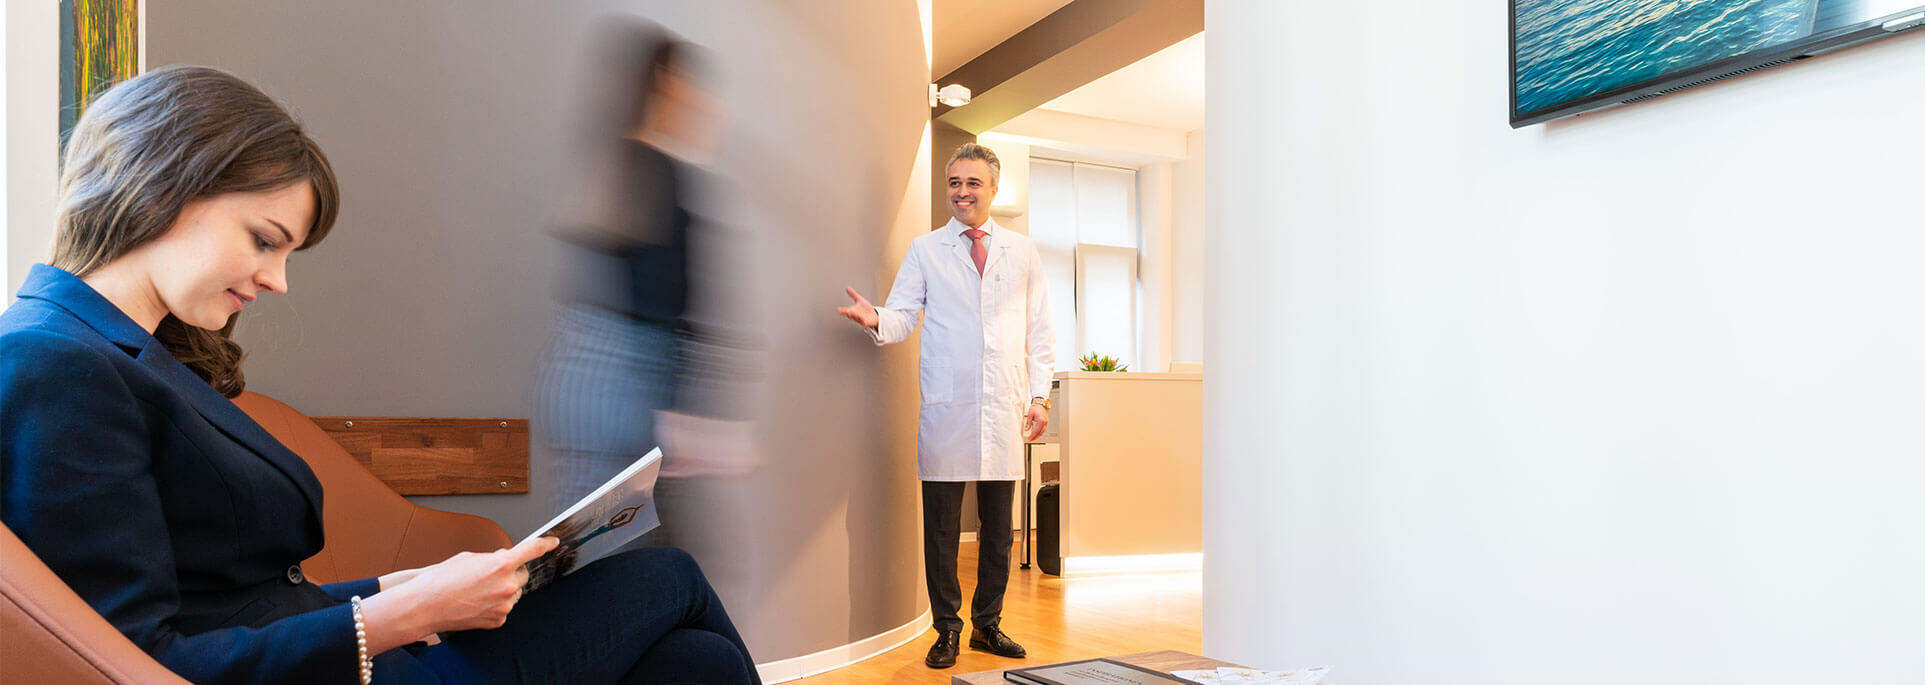 Wartezimmer eines Arztes